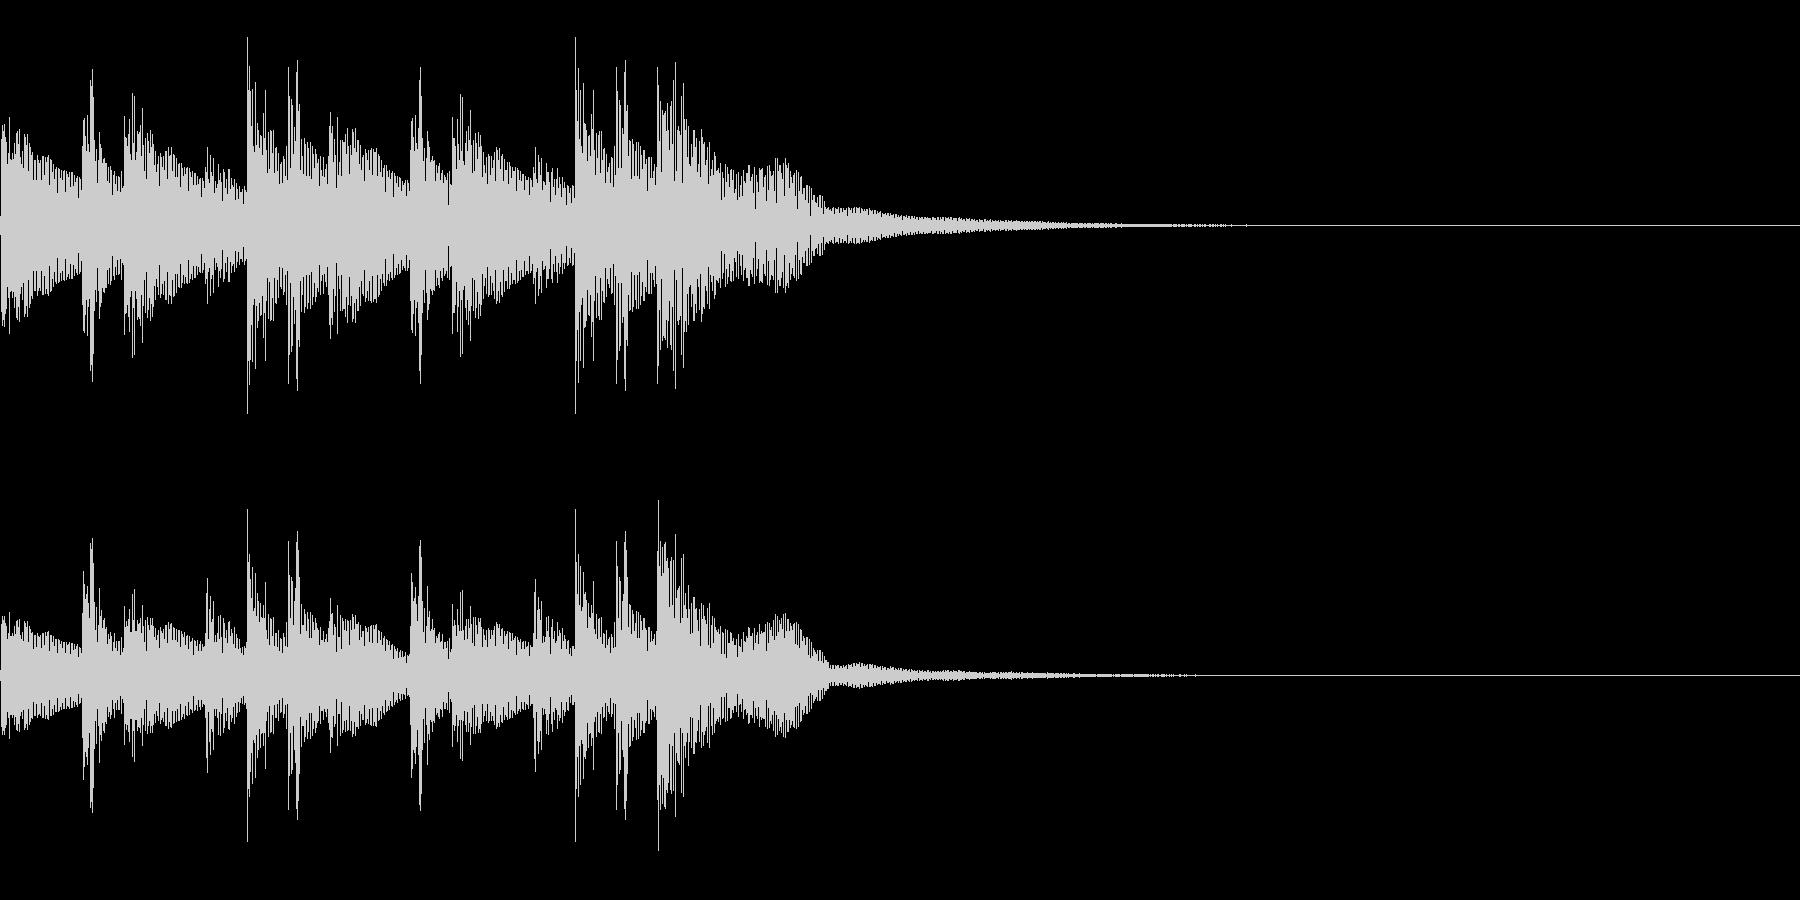 コンガ ボンゴ リフ1 キューバの未再生の波形